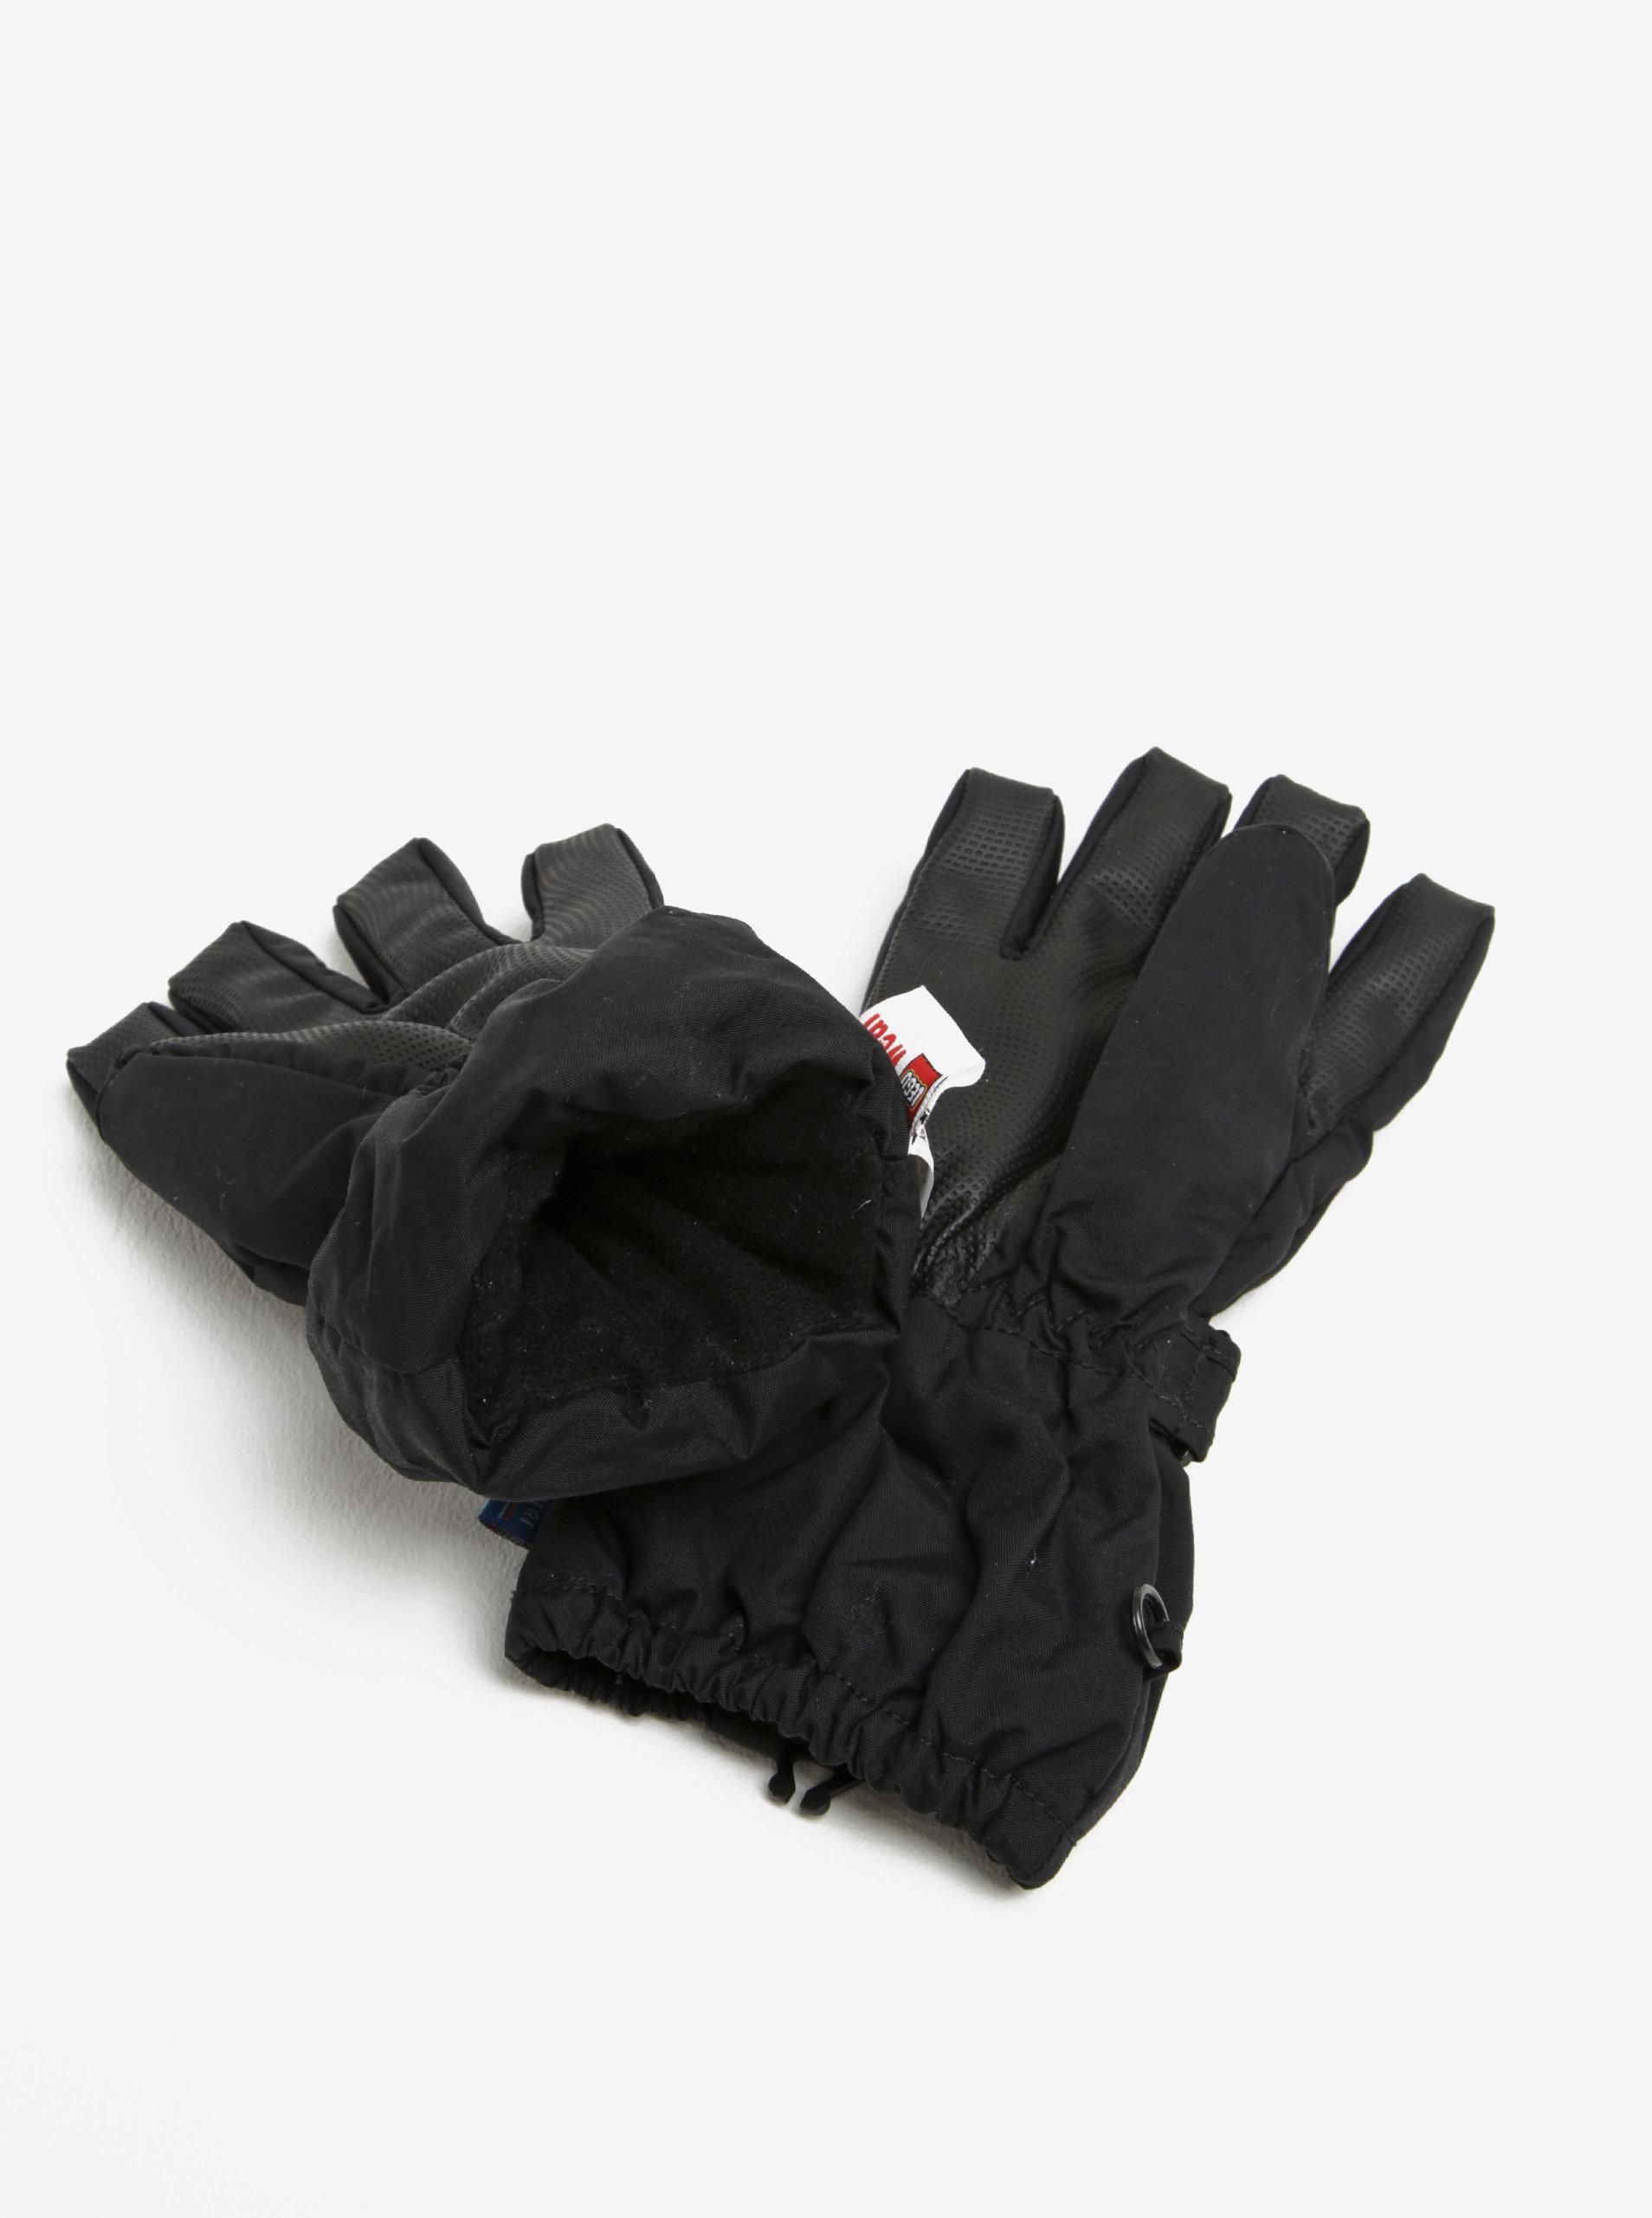 Černé dětské funkční rukavice s reflexním prvkem Lego Wear Alexa ... daf0edbc00